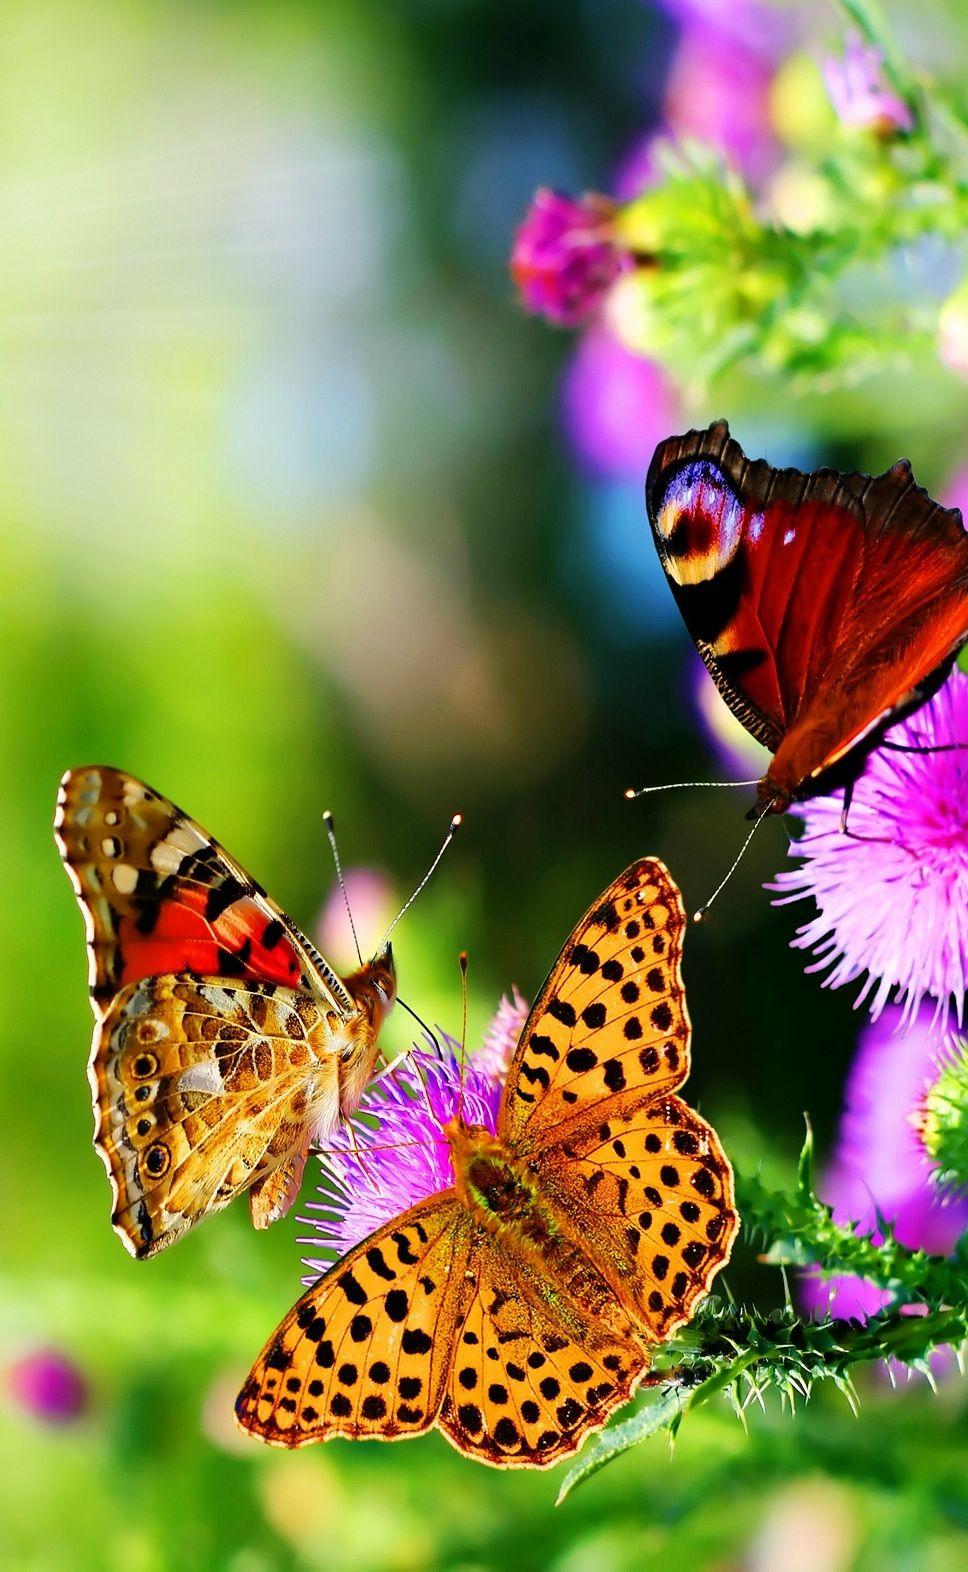 Best Butterflies iPhone Wallpaper | Beautiful butterflies ...